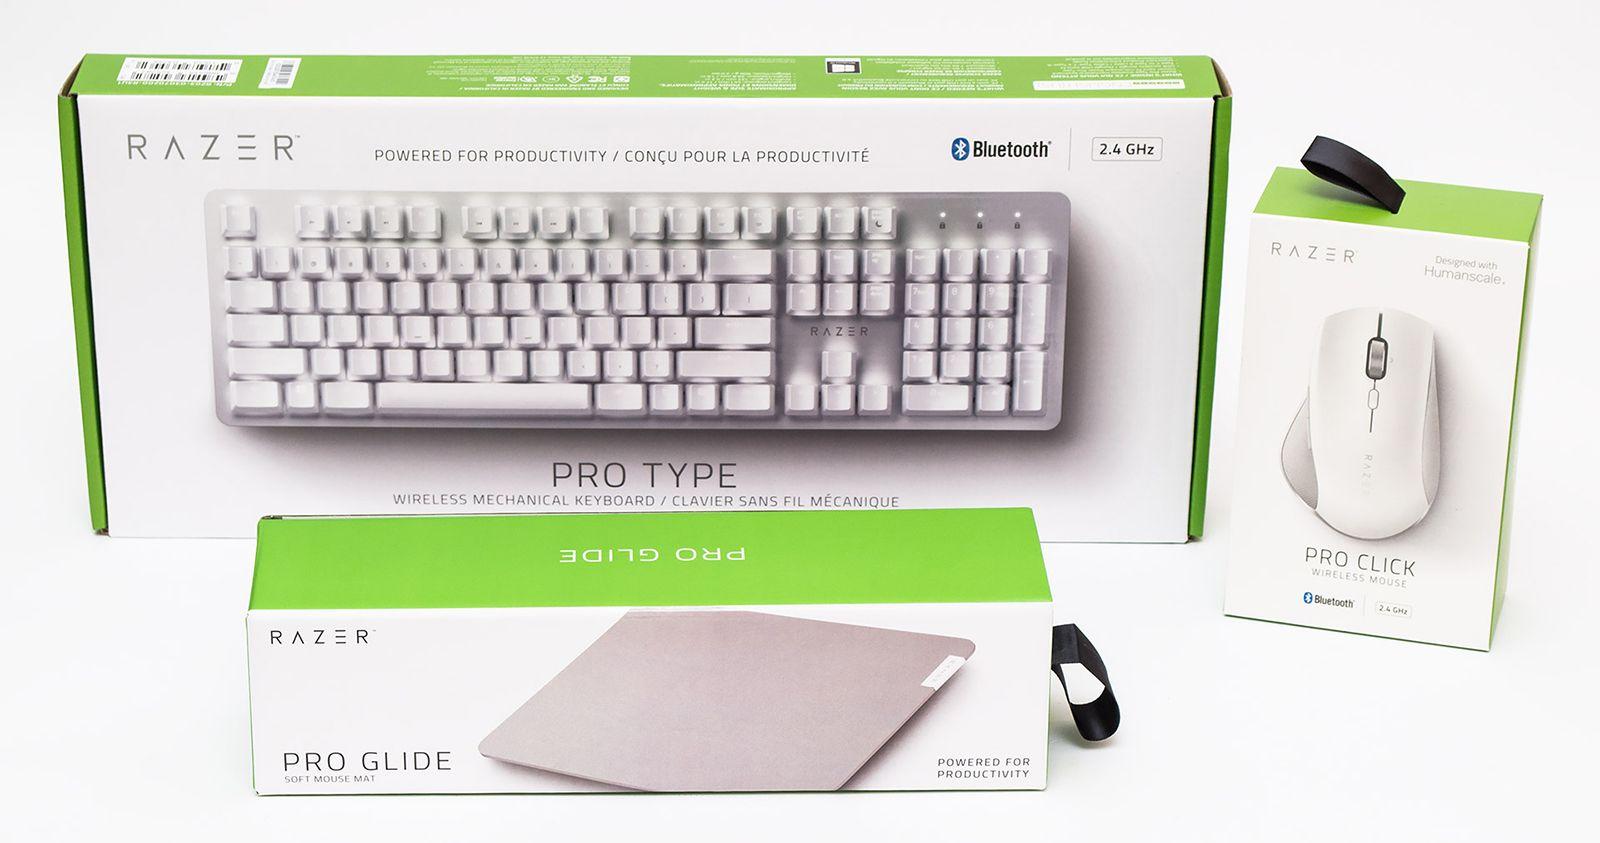 Клавиатура Razer Pro Type. Фото 2